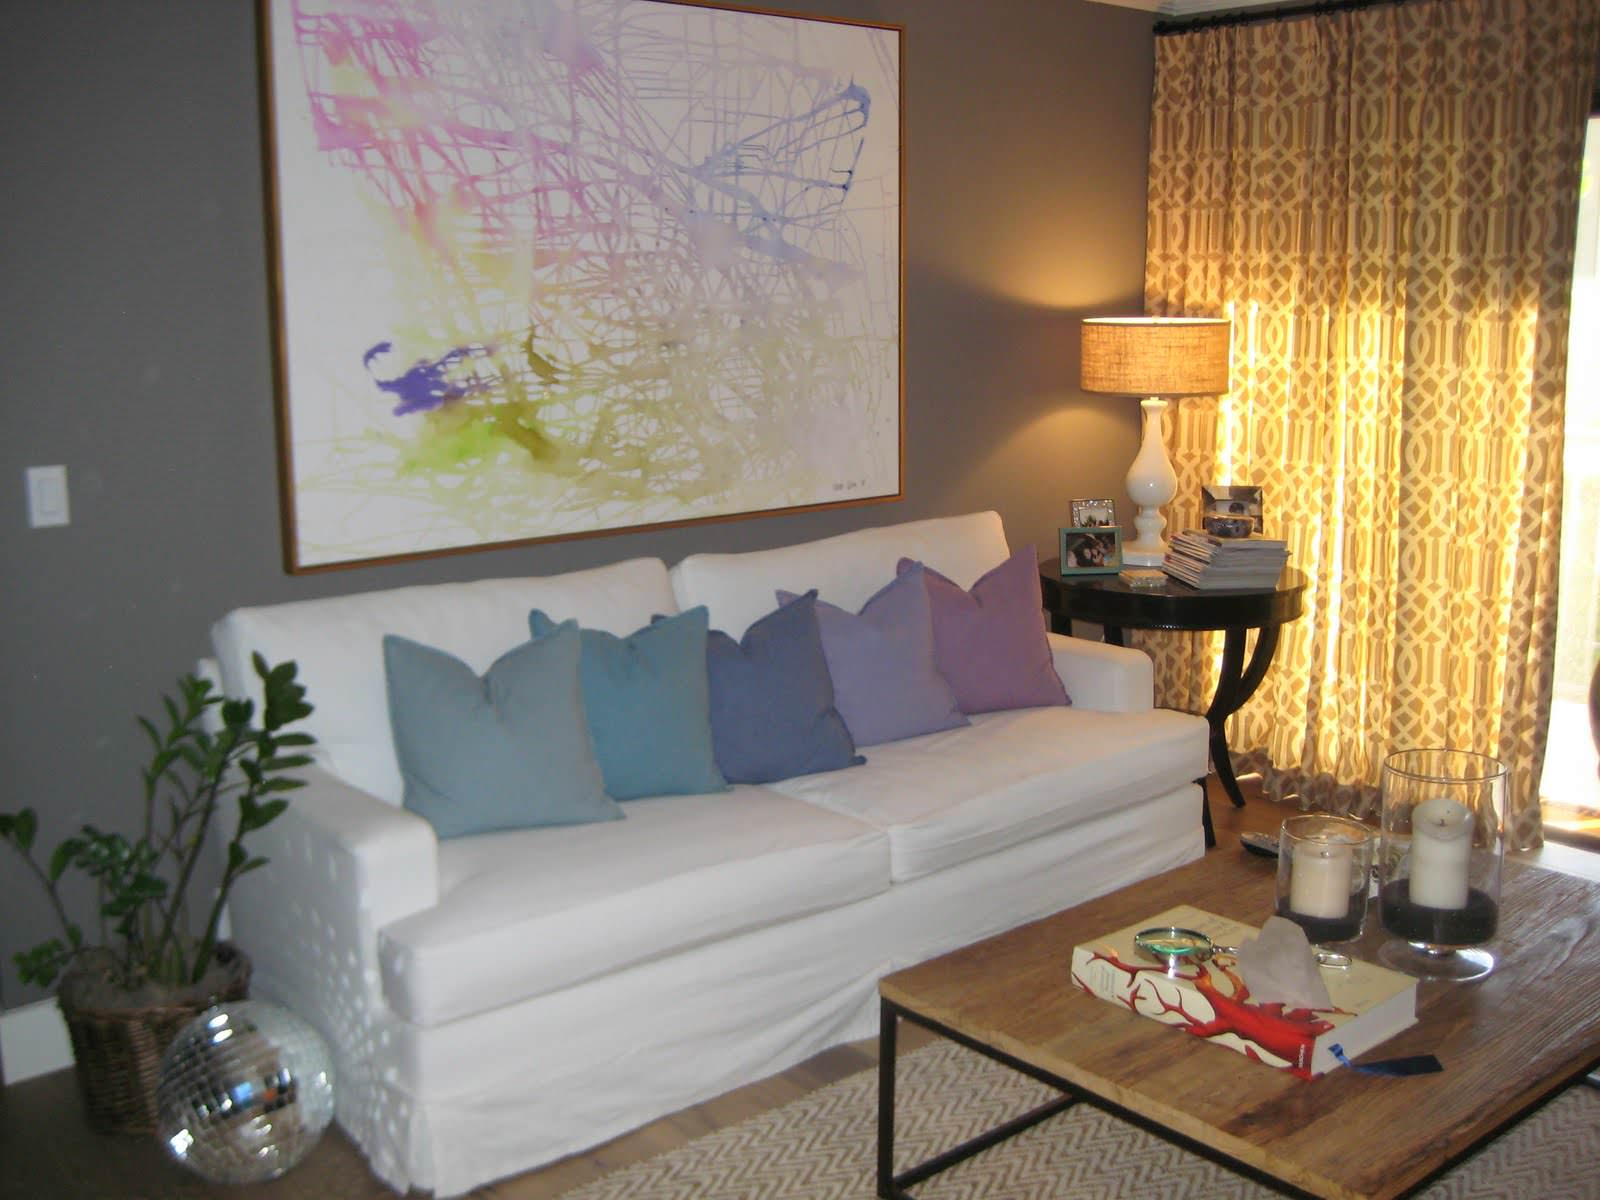 decoracao de sala simples e pequena e barata:Dicas de Como Decorar uma Sala Pequena e Simples